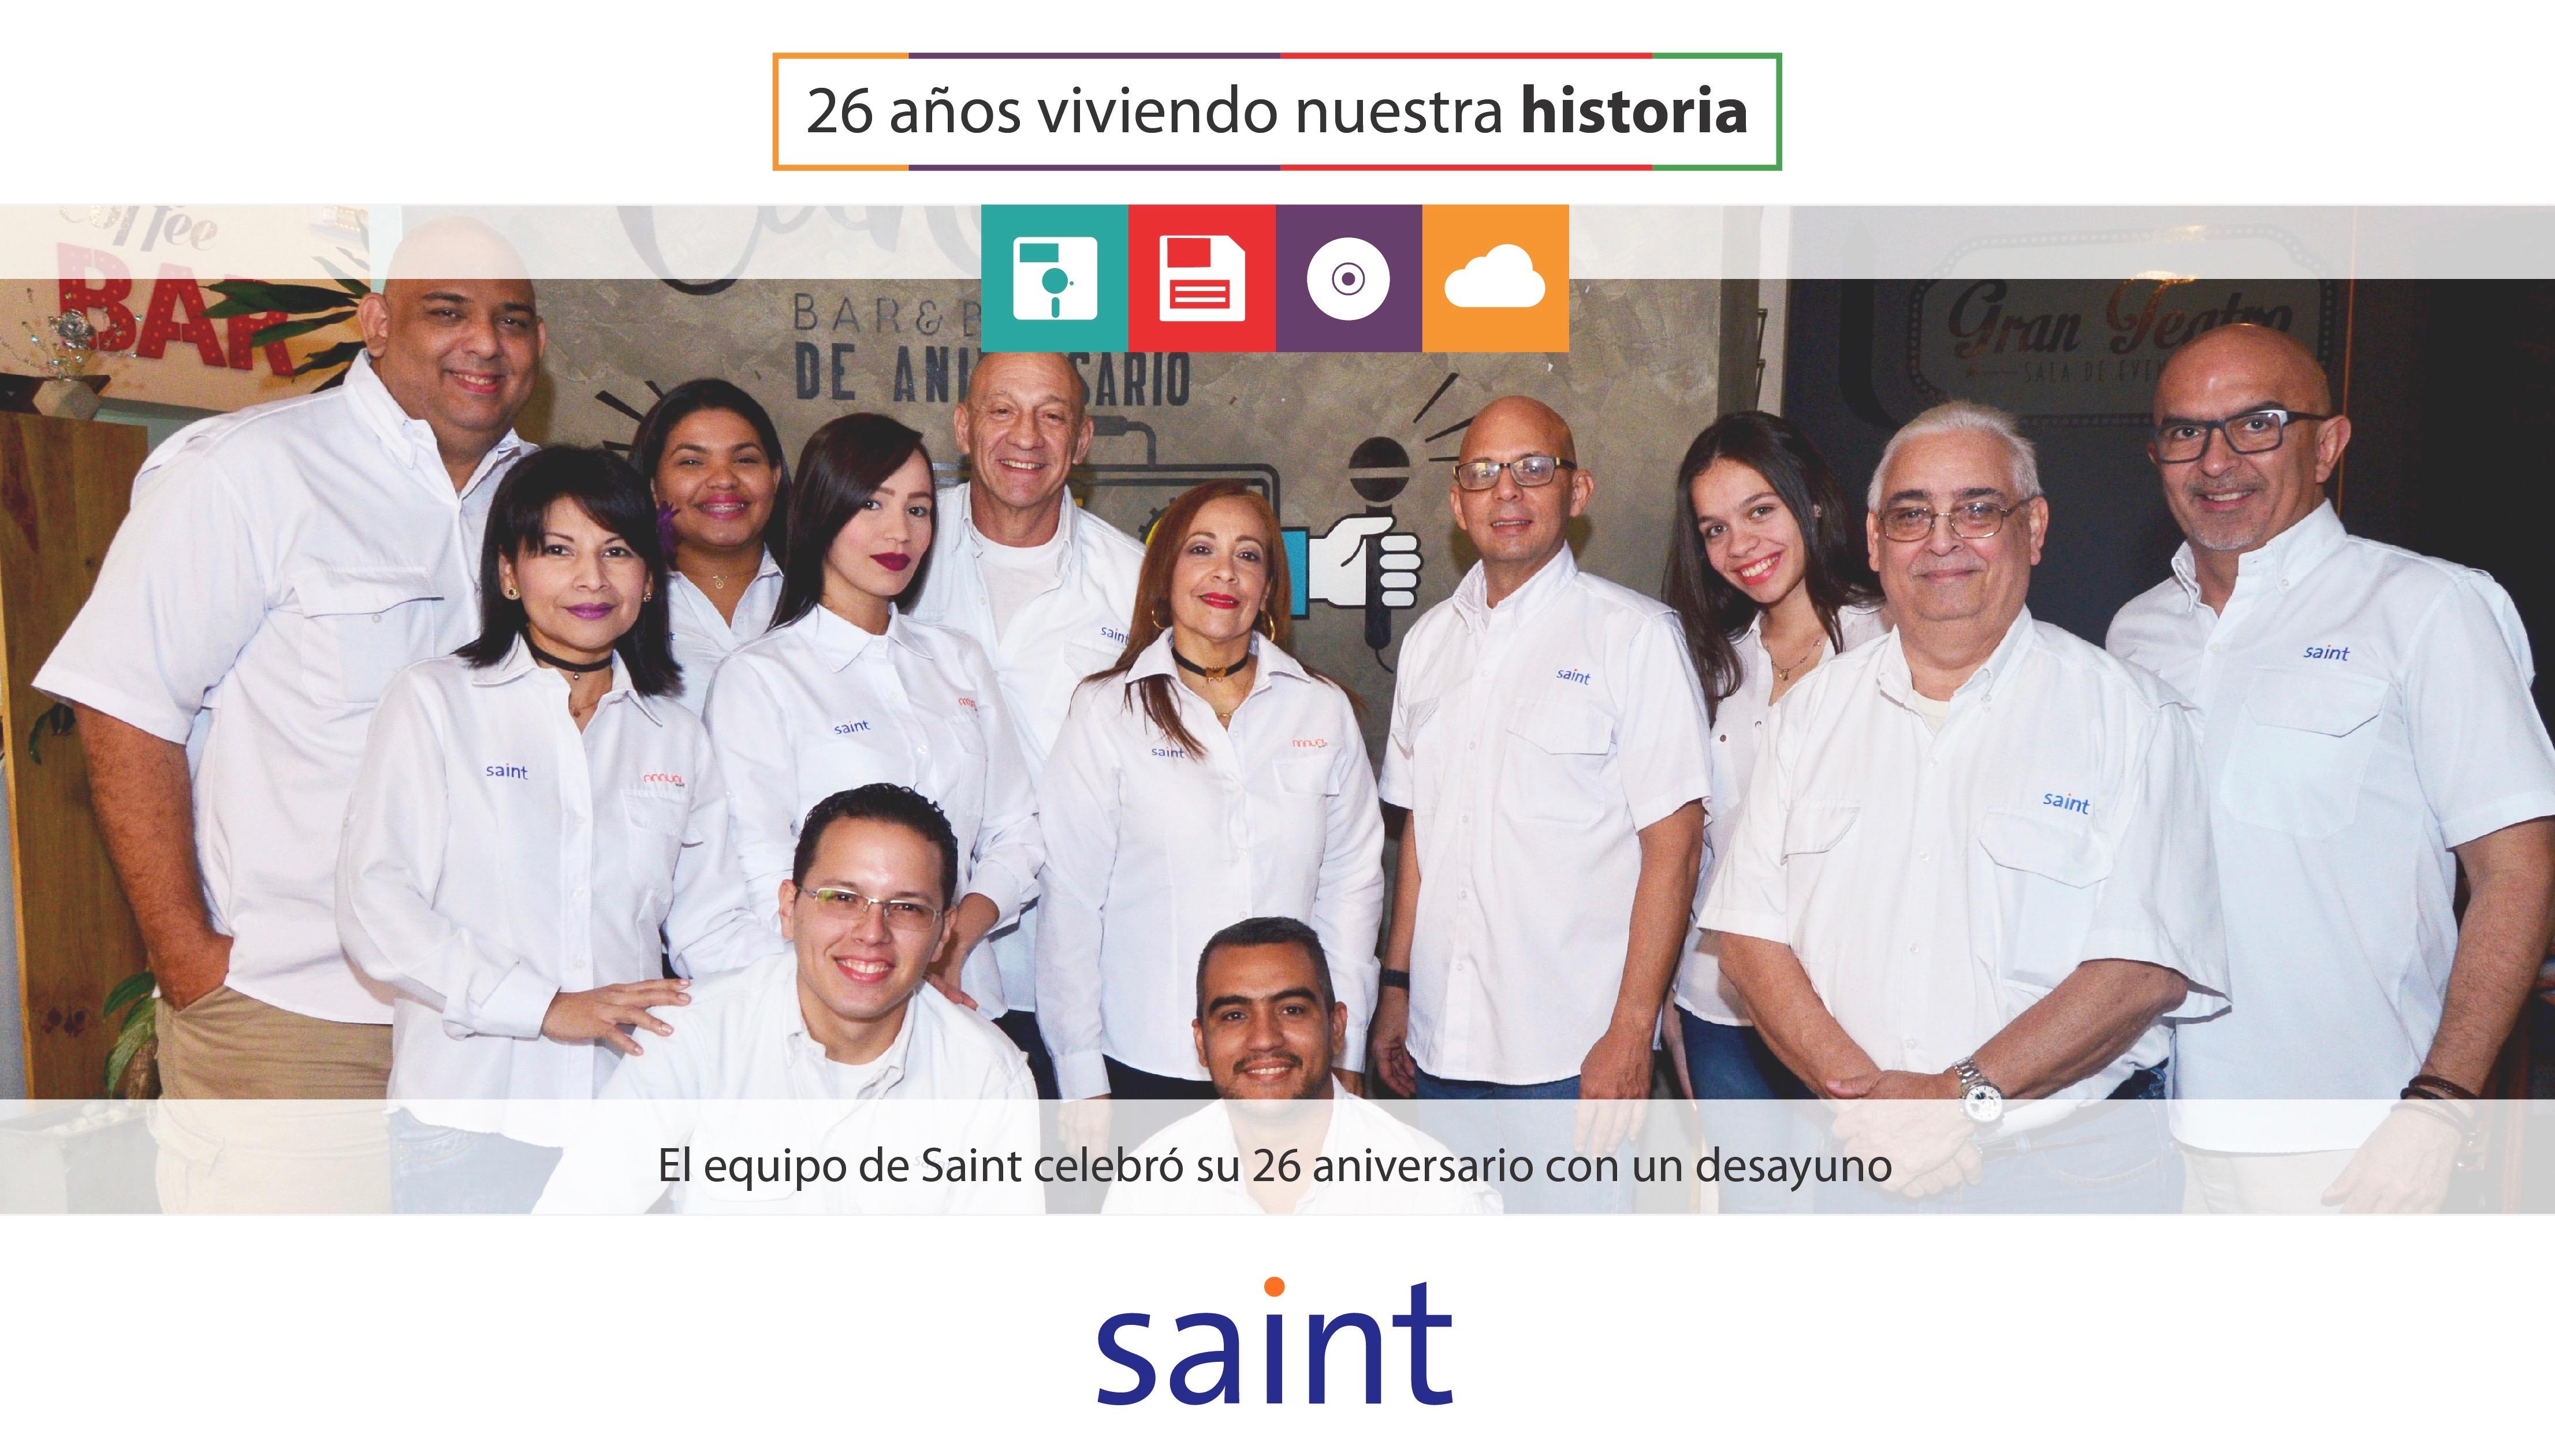 En casa matriz celebramos con un desayuno el 26 aniversario de SAINT